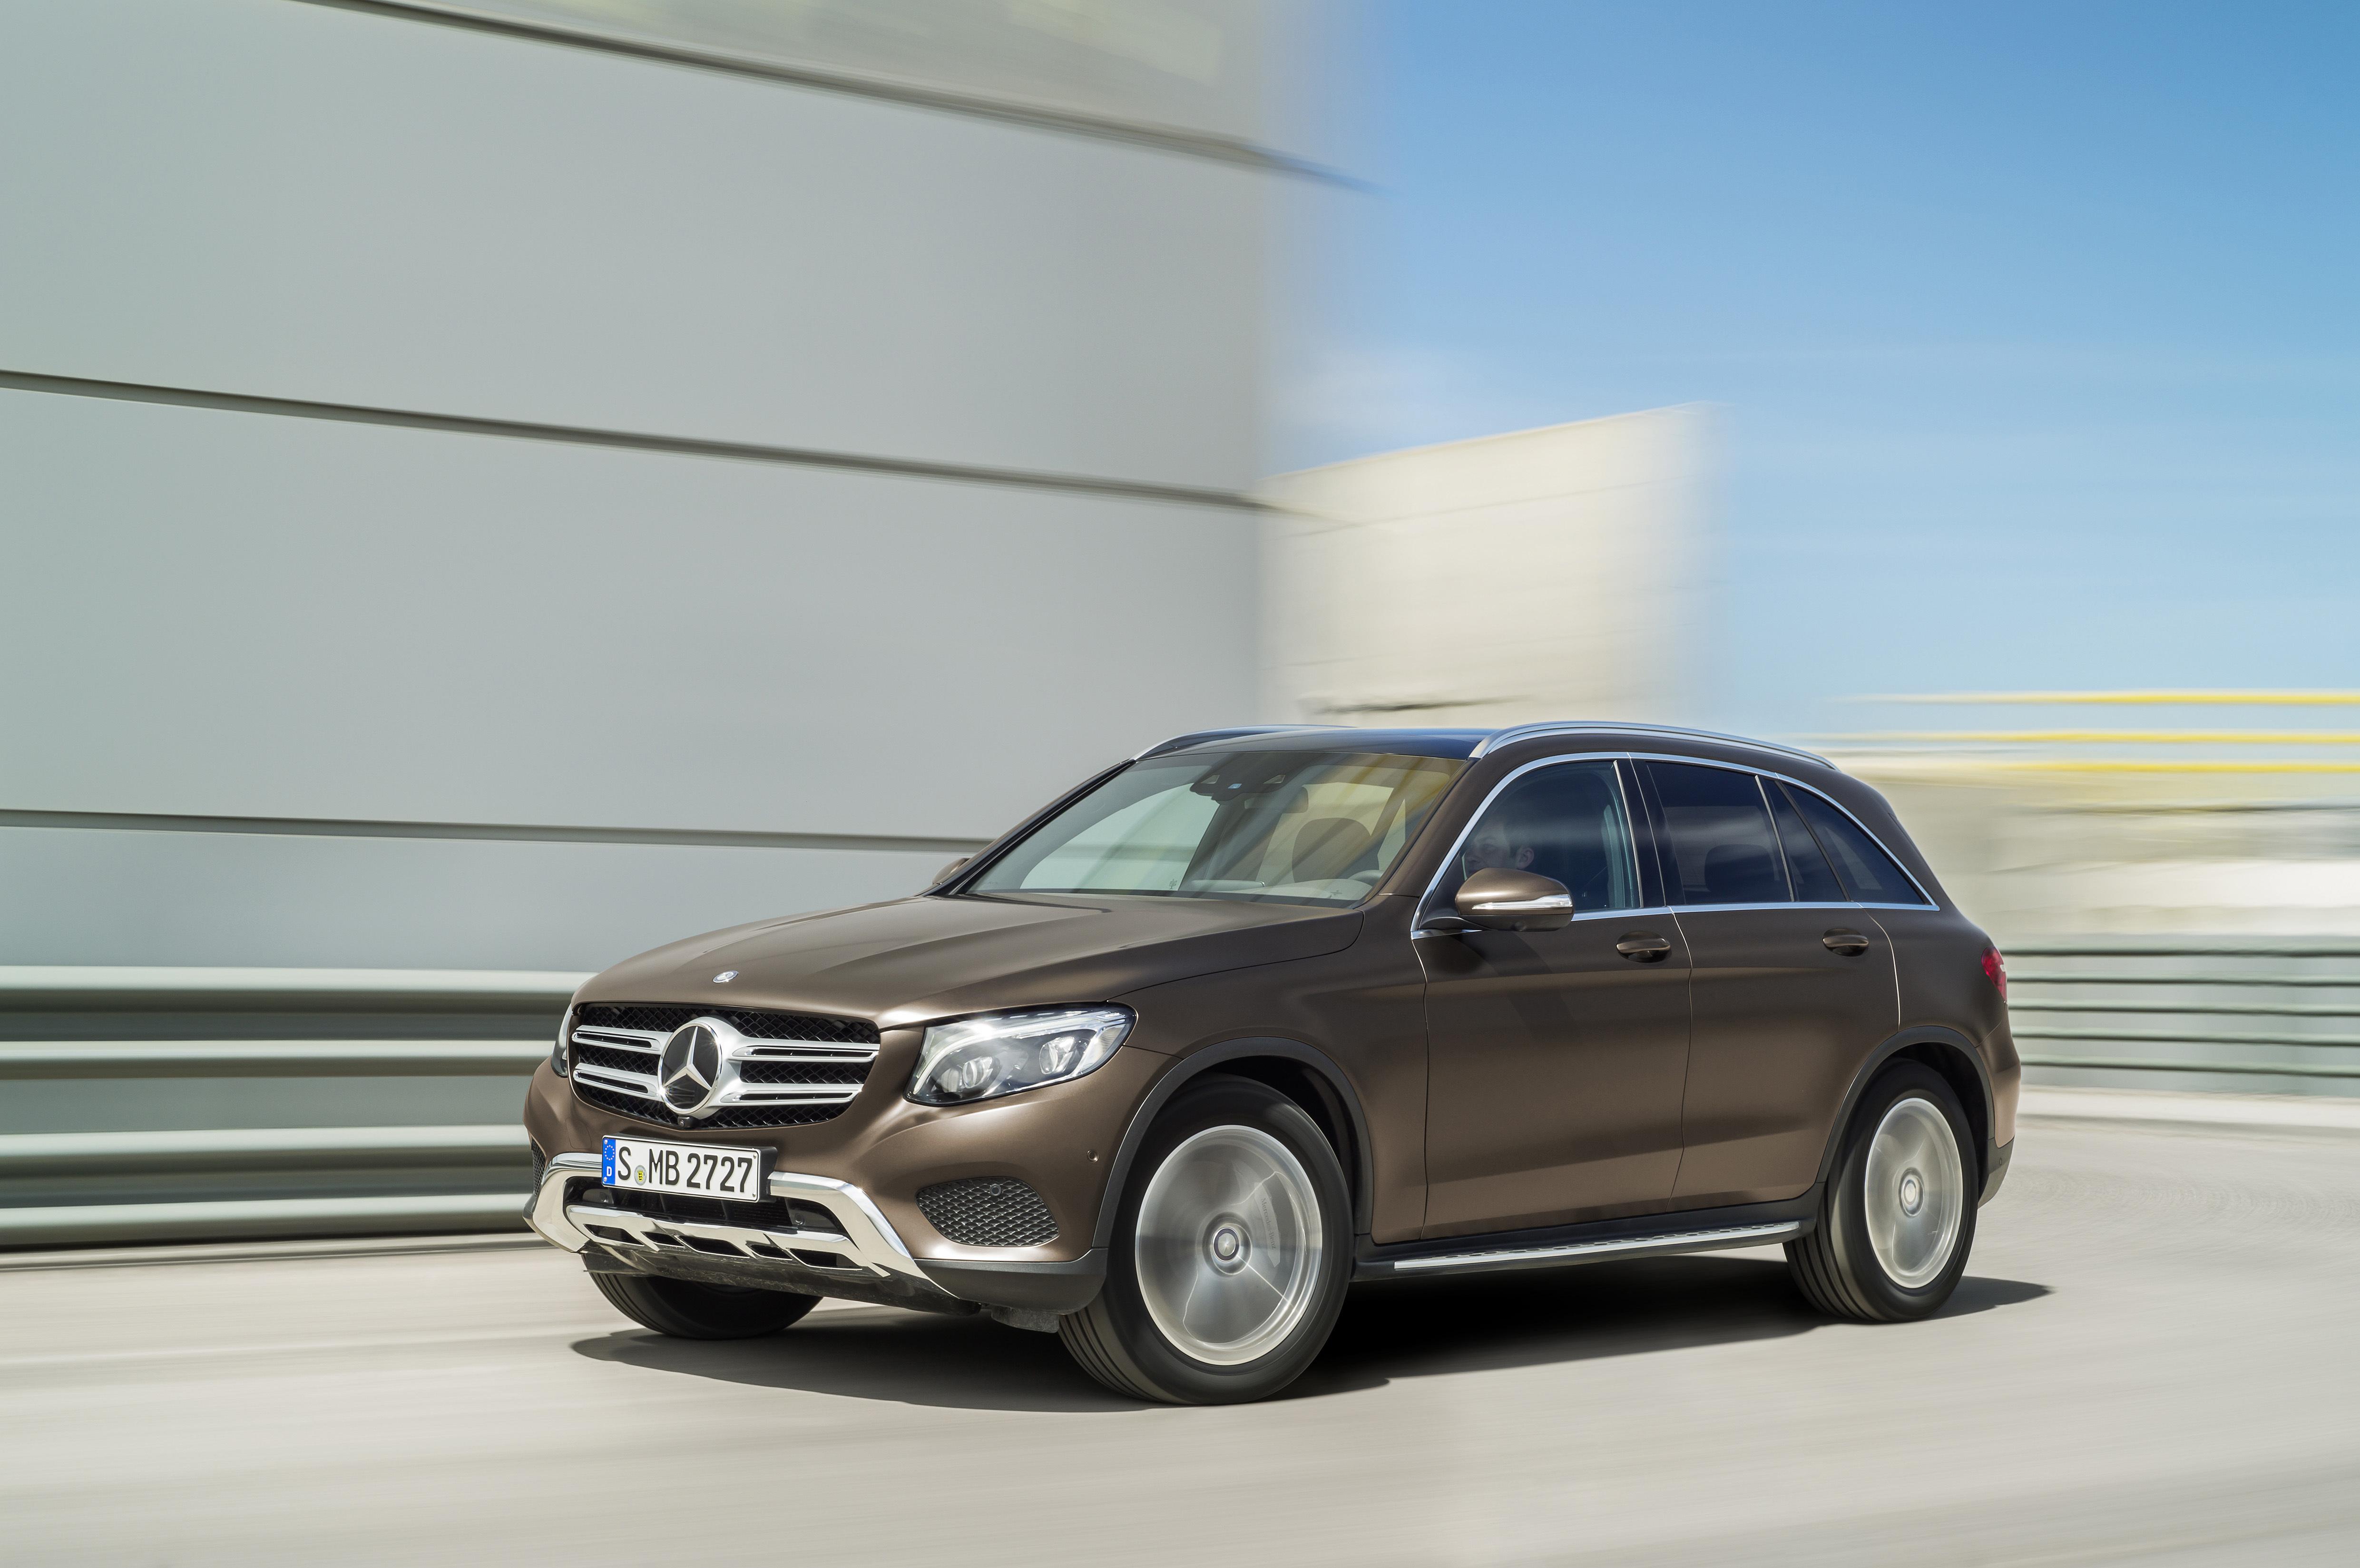 Mercedes-Benz-ի նոր ռեկորդը՝ 2017թ. I կիսամյակում վաճառքներն աճել են 13.7%